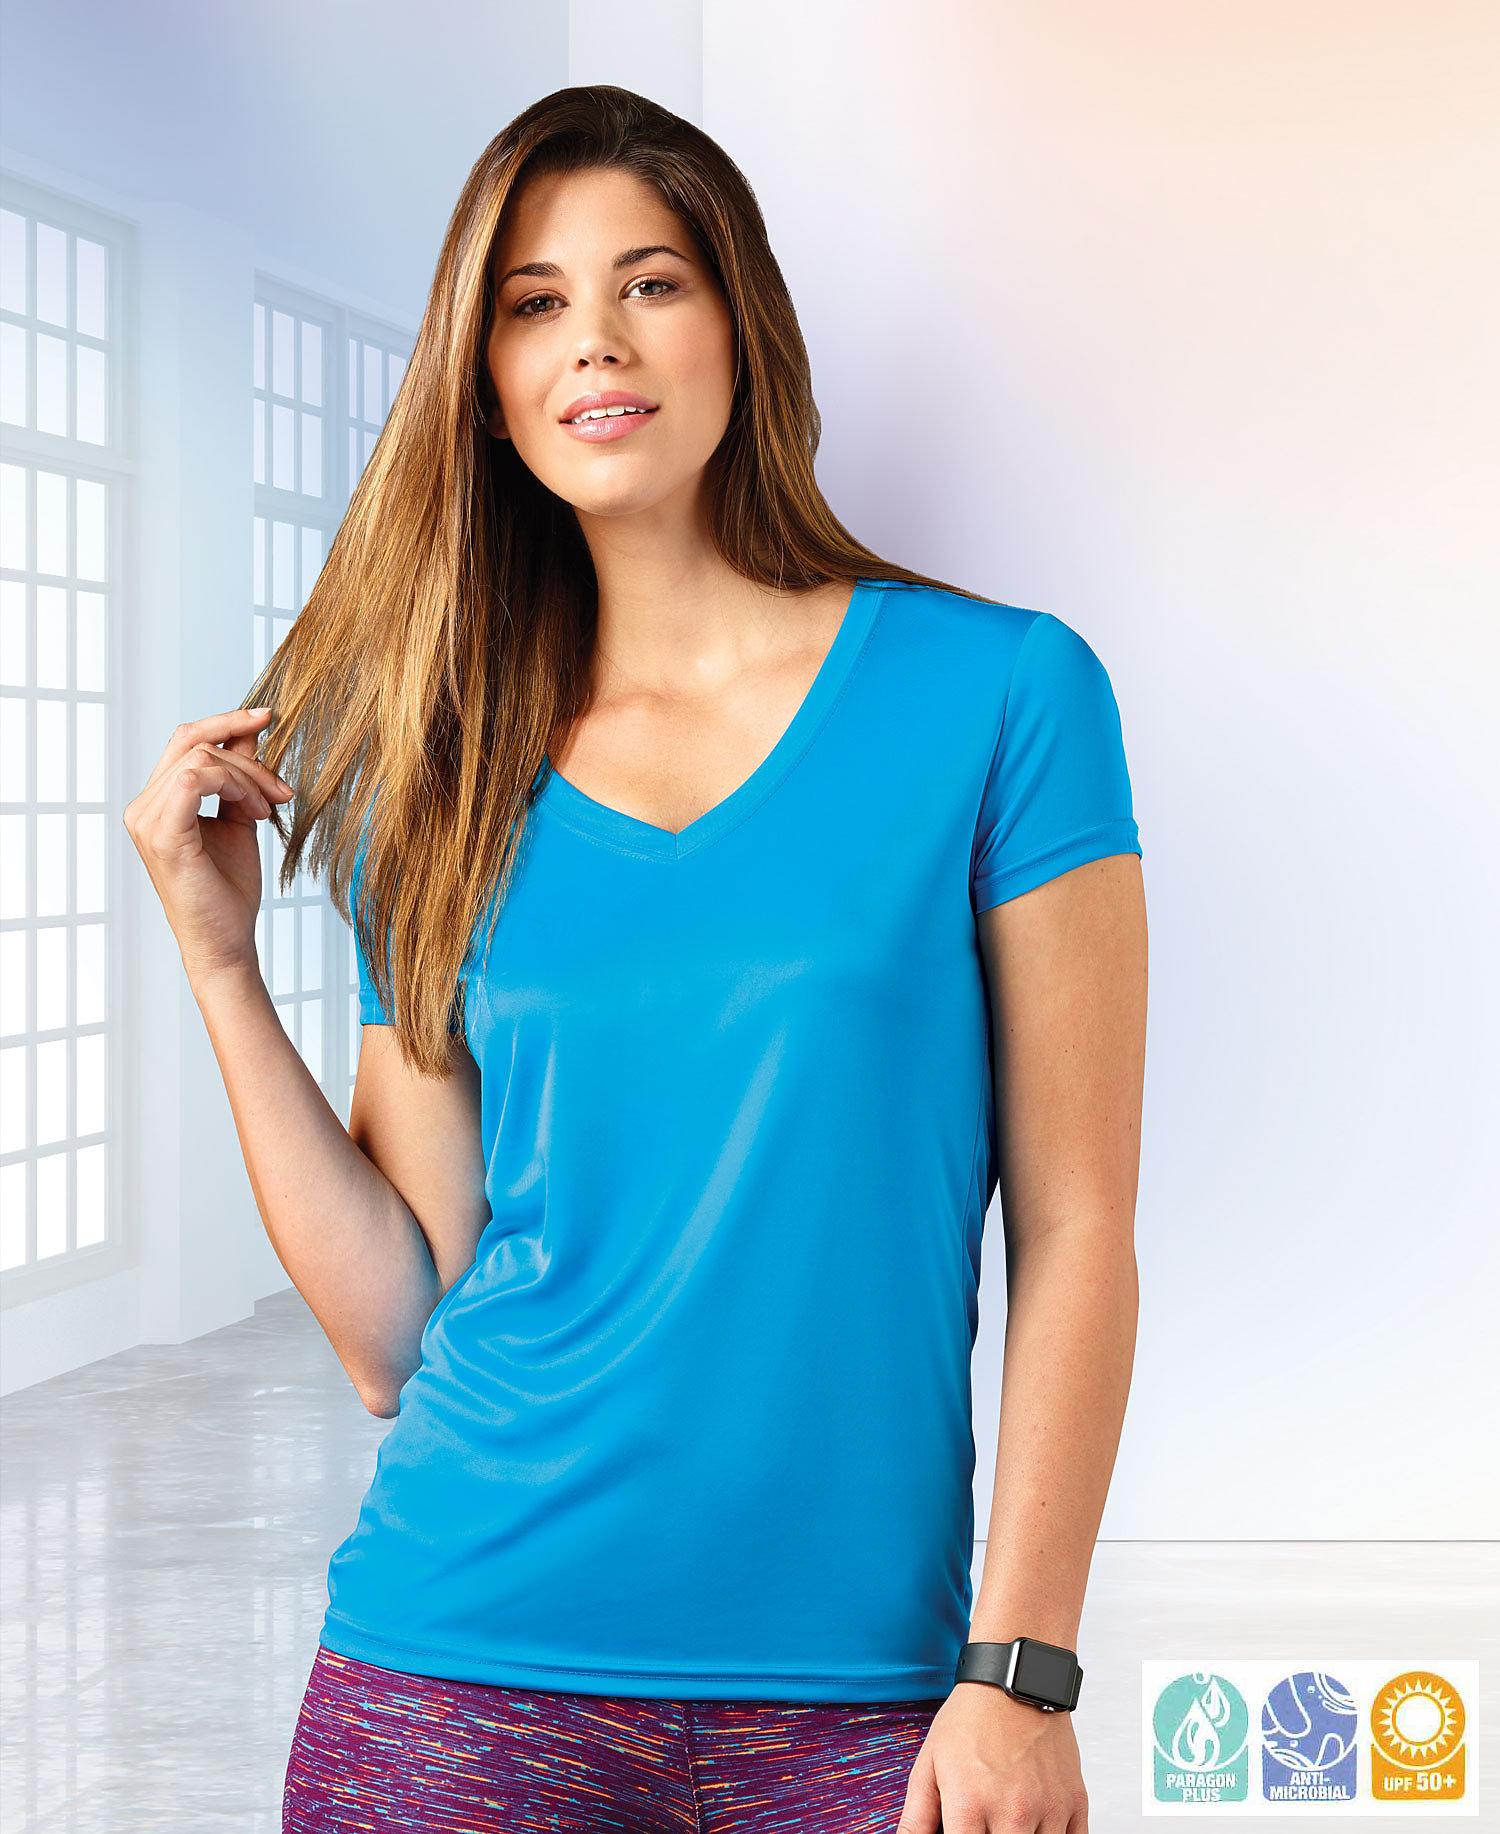 Paragon - SM0203 Screenmates Women's V-Neck T-Shirt